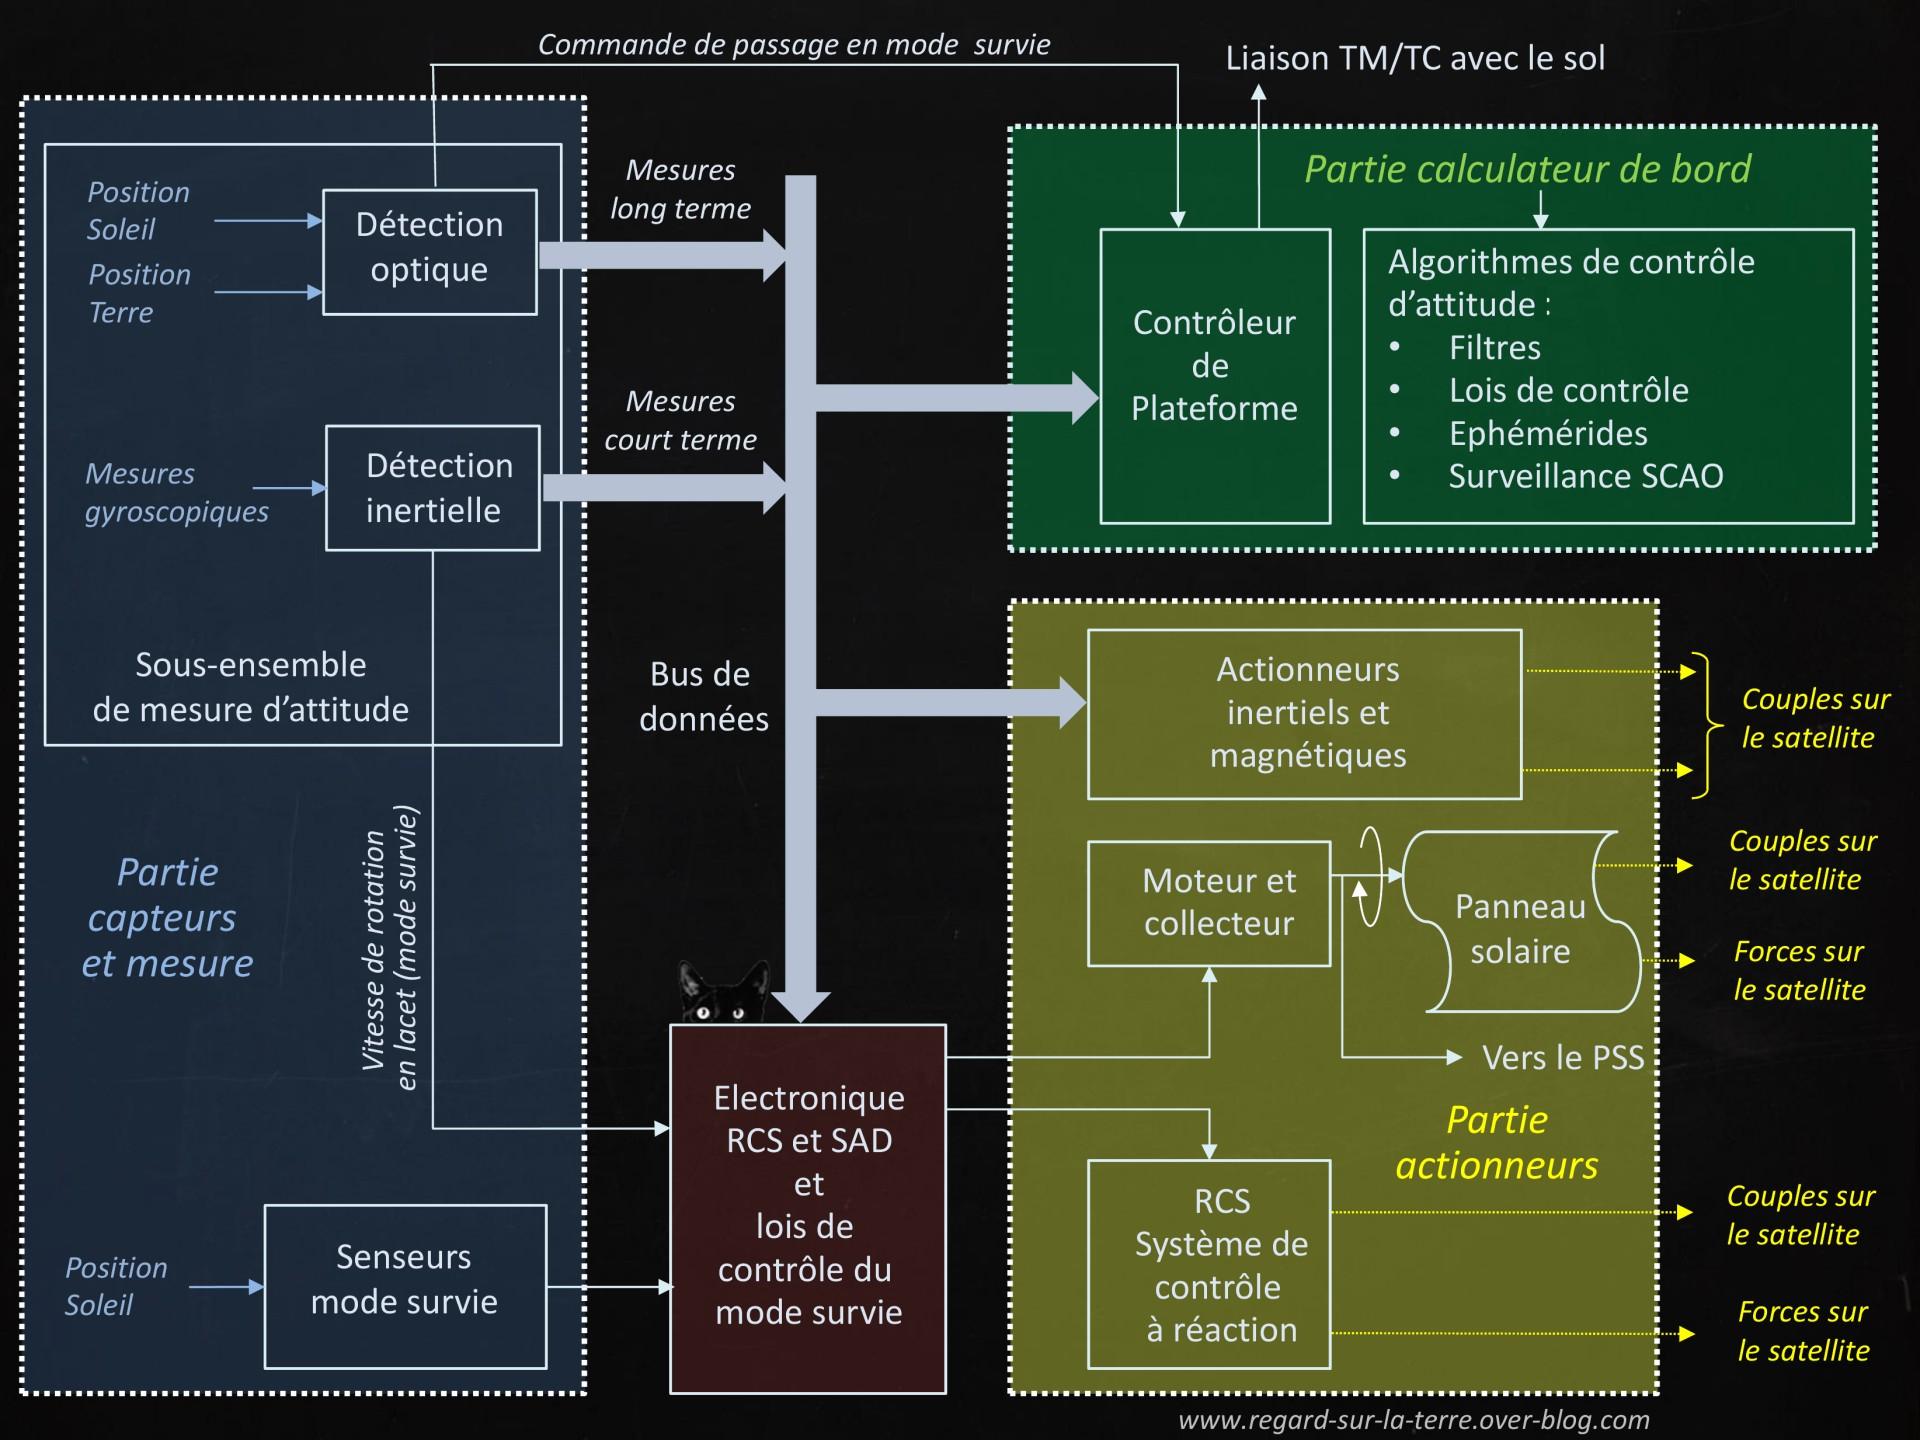 Système de contrôle d'attitude et d'orbite - SCAO - Attitude and Orbit Control System - AOCS - Satellite - SPOT - Première génération - Gyroscopes - senseur soleil - senseur terre - Panne SPOT 3 - RCS - tuyères - propulsion